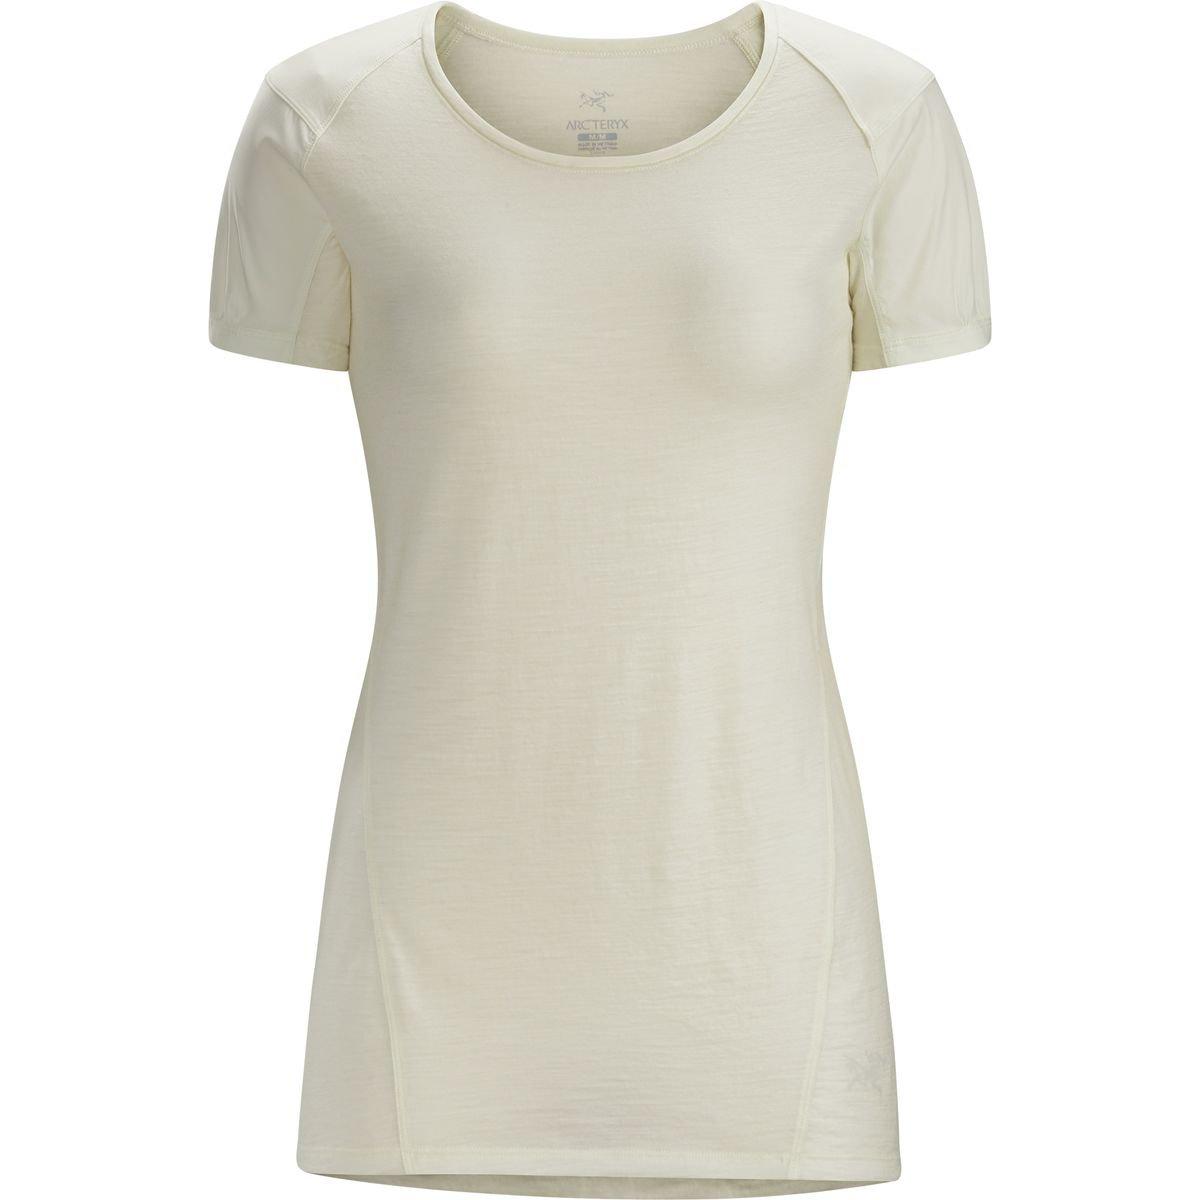 (アークテリクス) Arc'teryx Lana Comp Shirt - Short-Sleeve レディース シャツトップスVintage Ivory [並行輸入品] XL Vintage Ivory B077NB7WLG